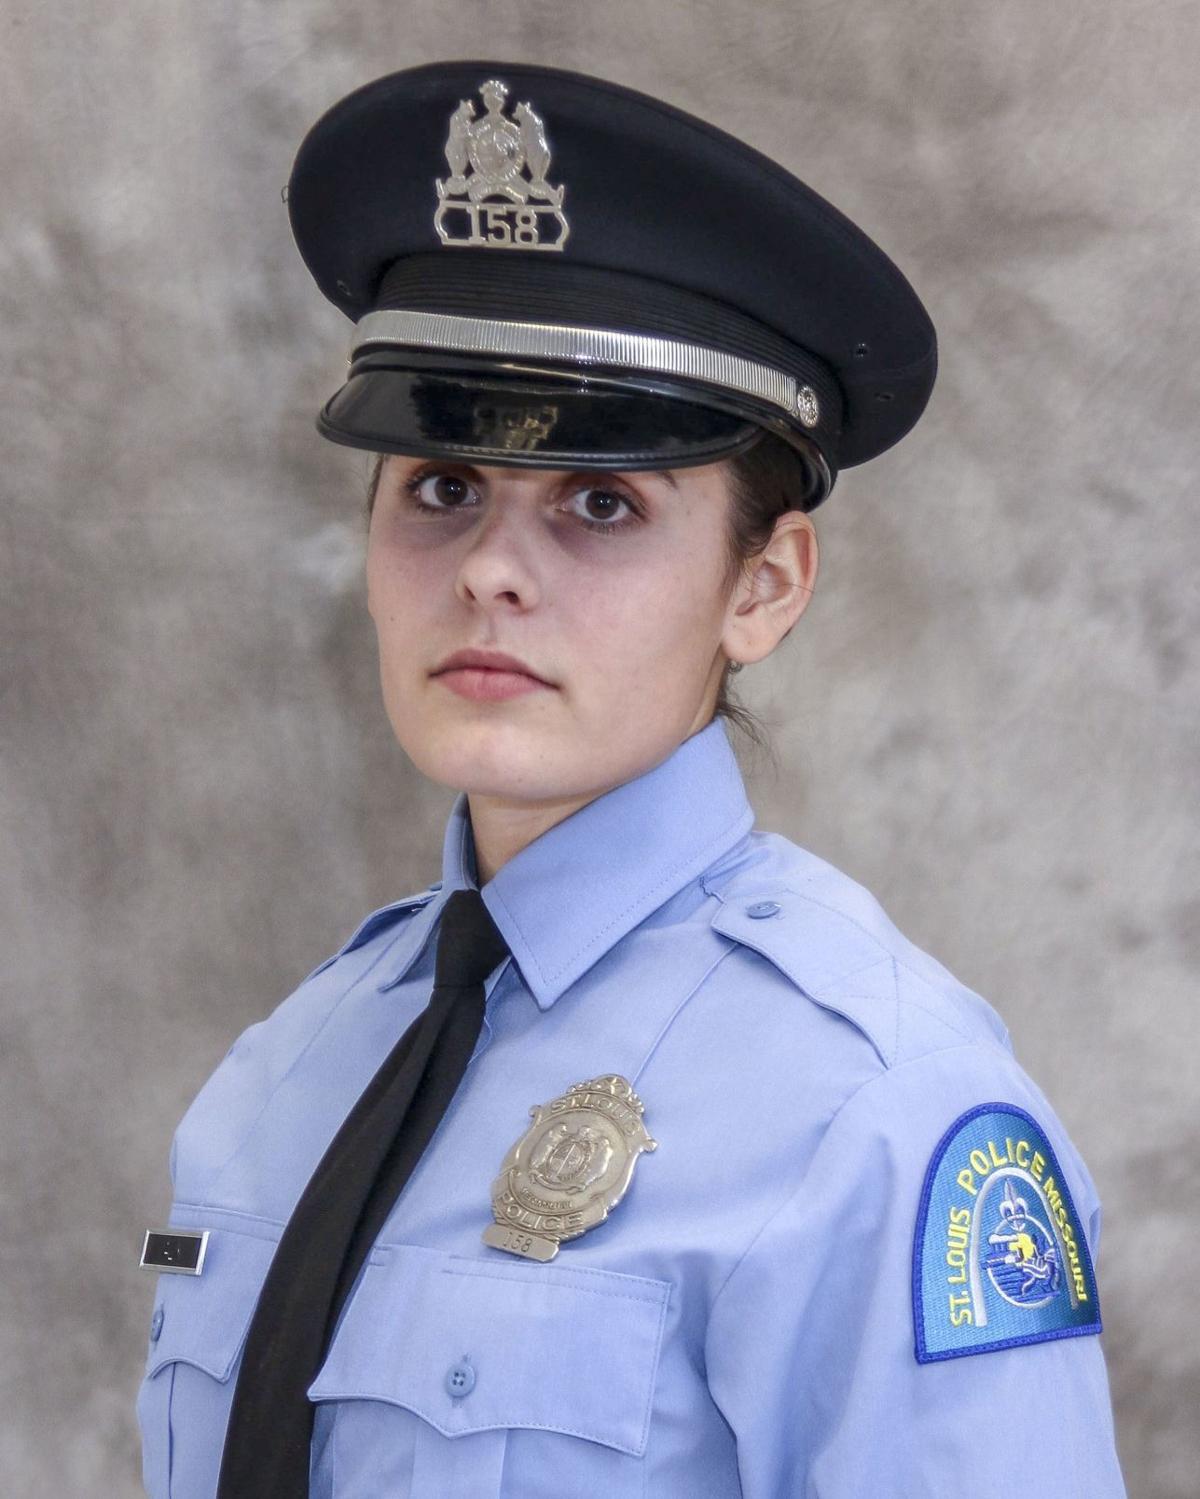 Officer Katlyn Alix